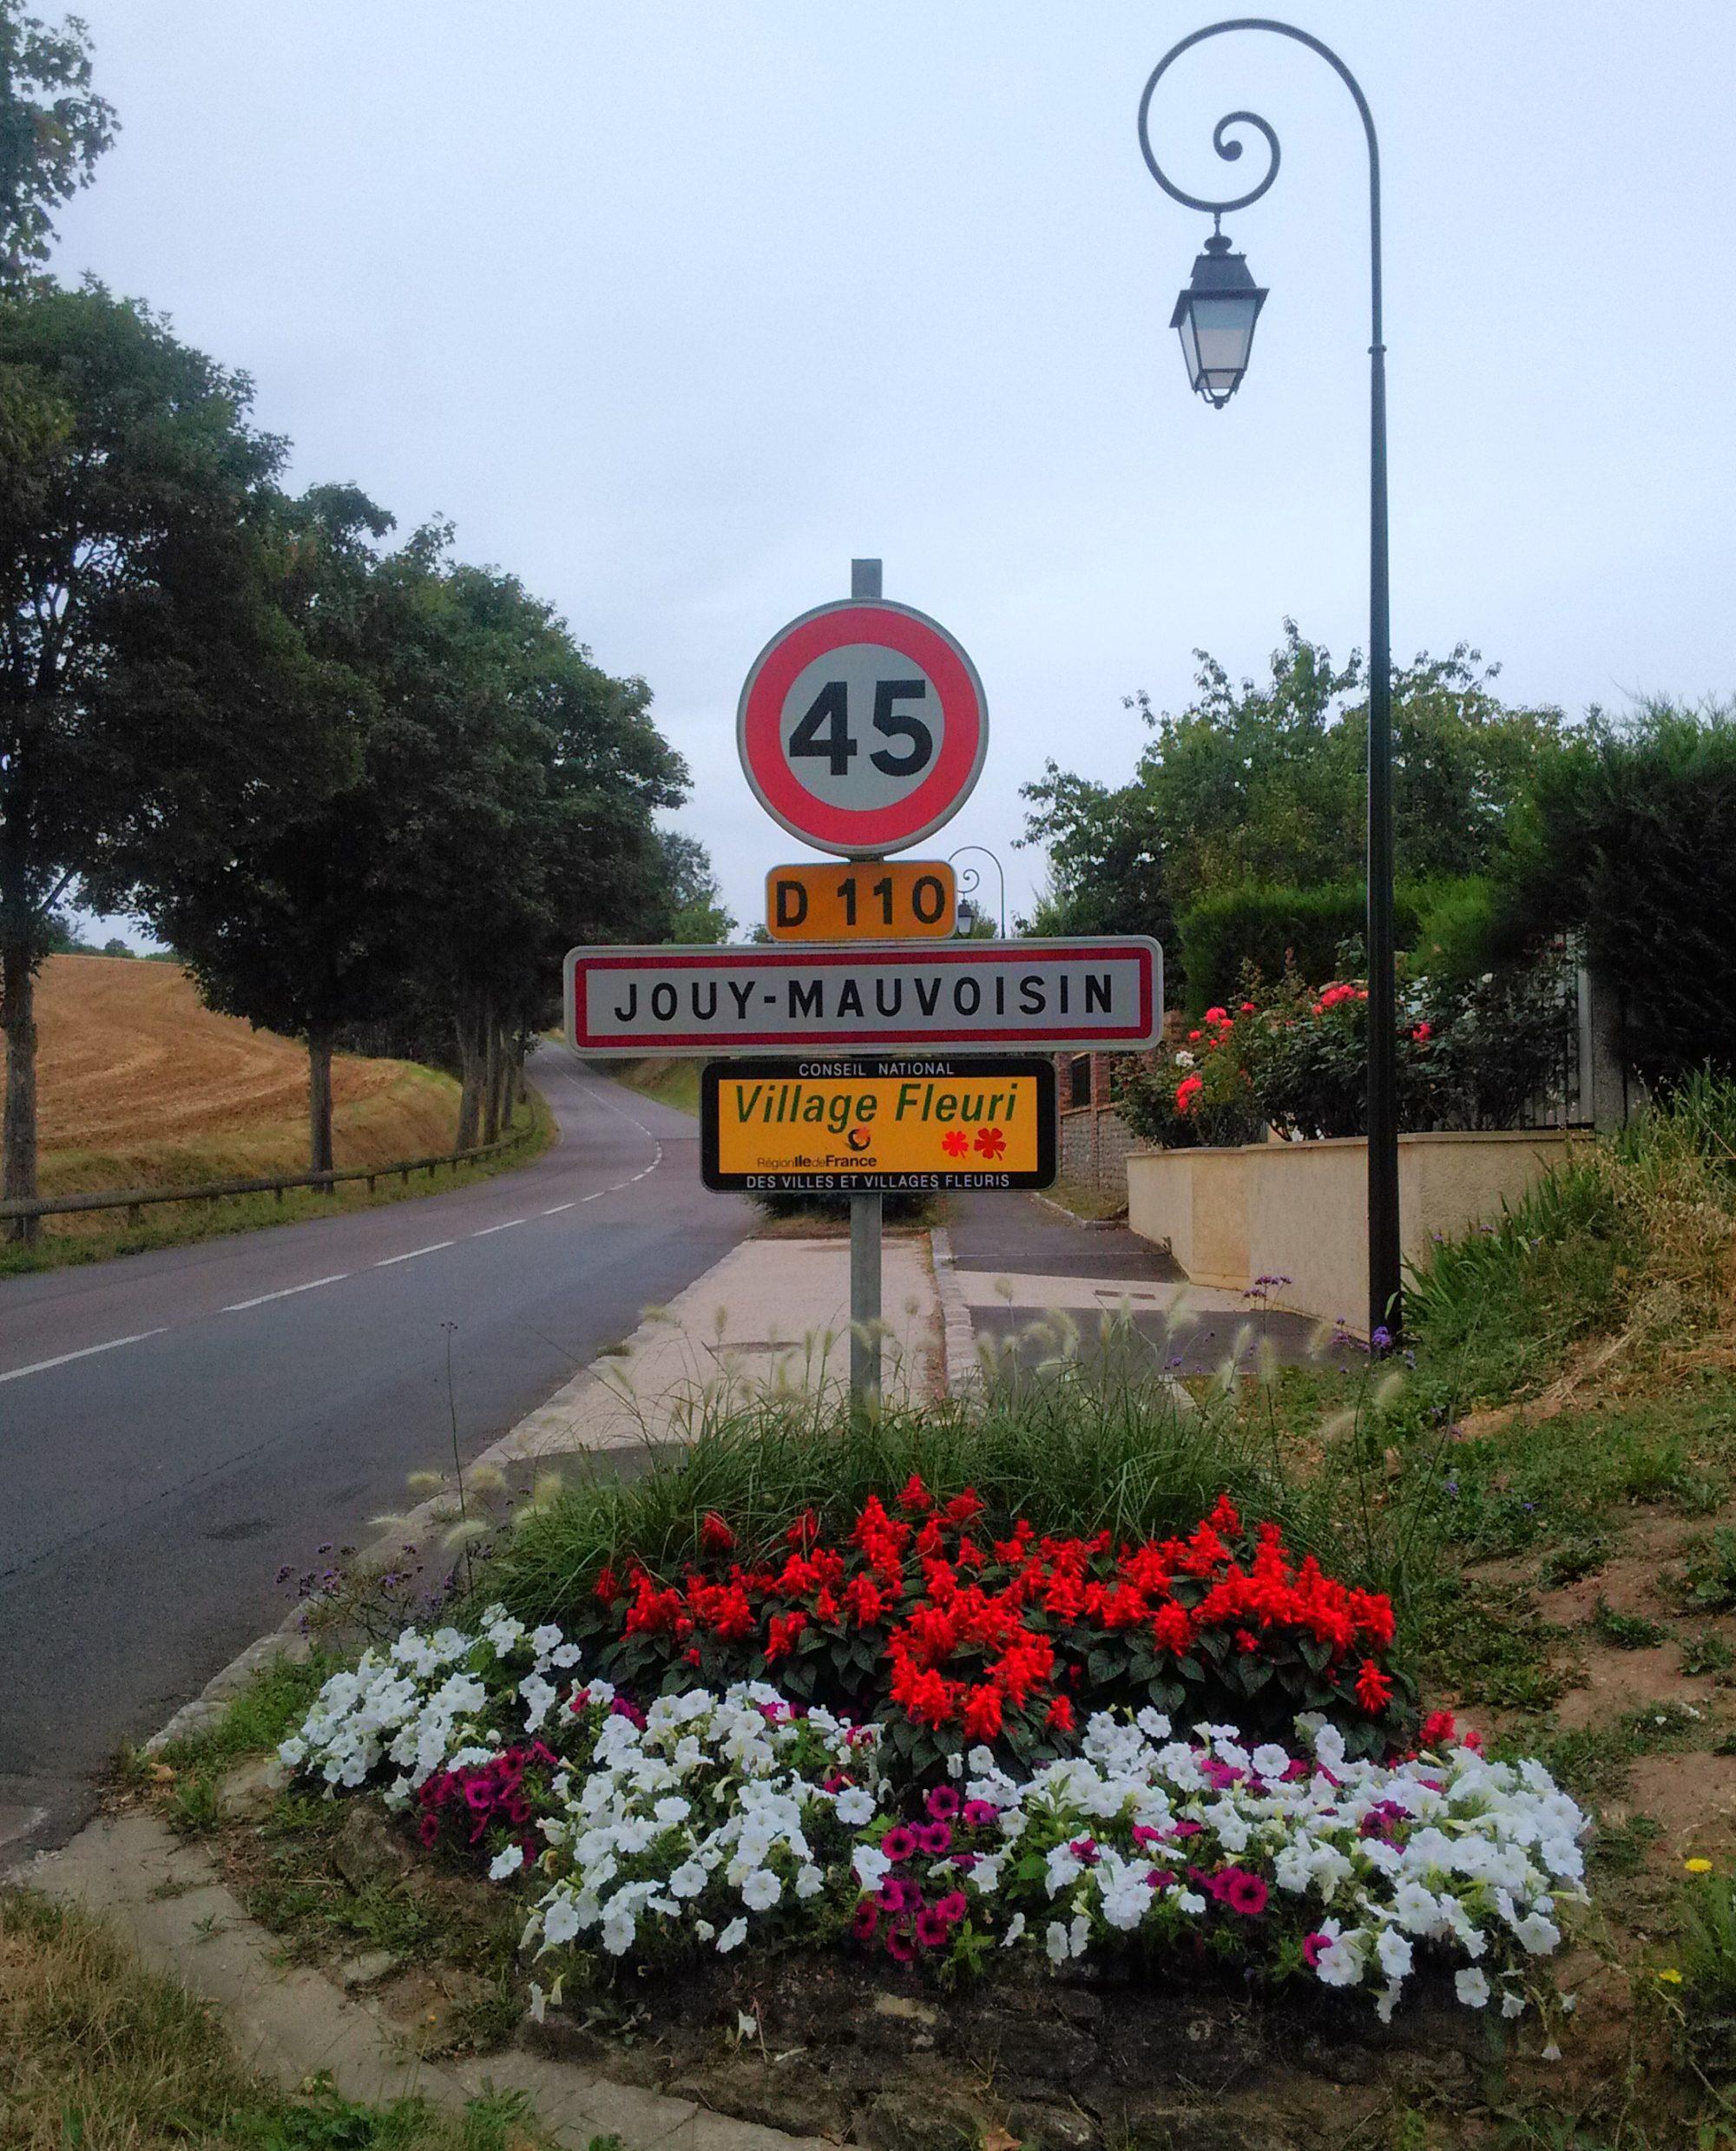 Jouy-Mauvoisin